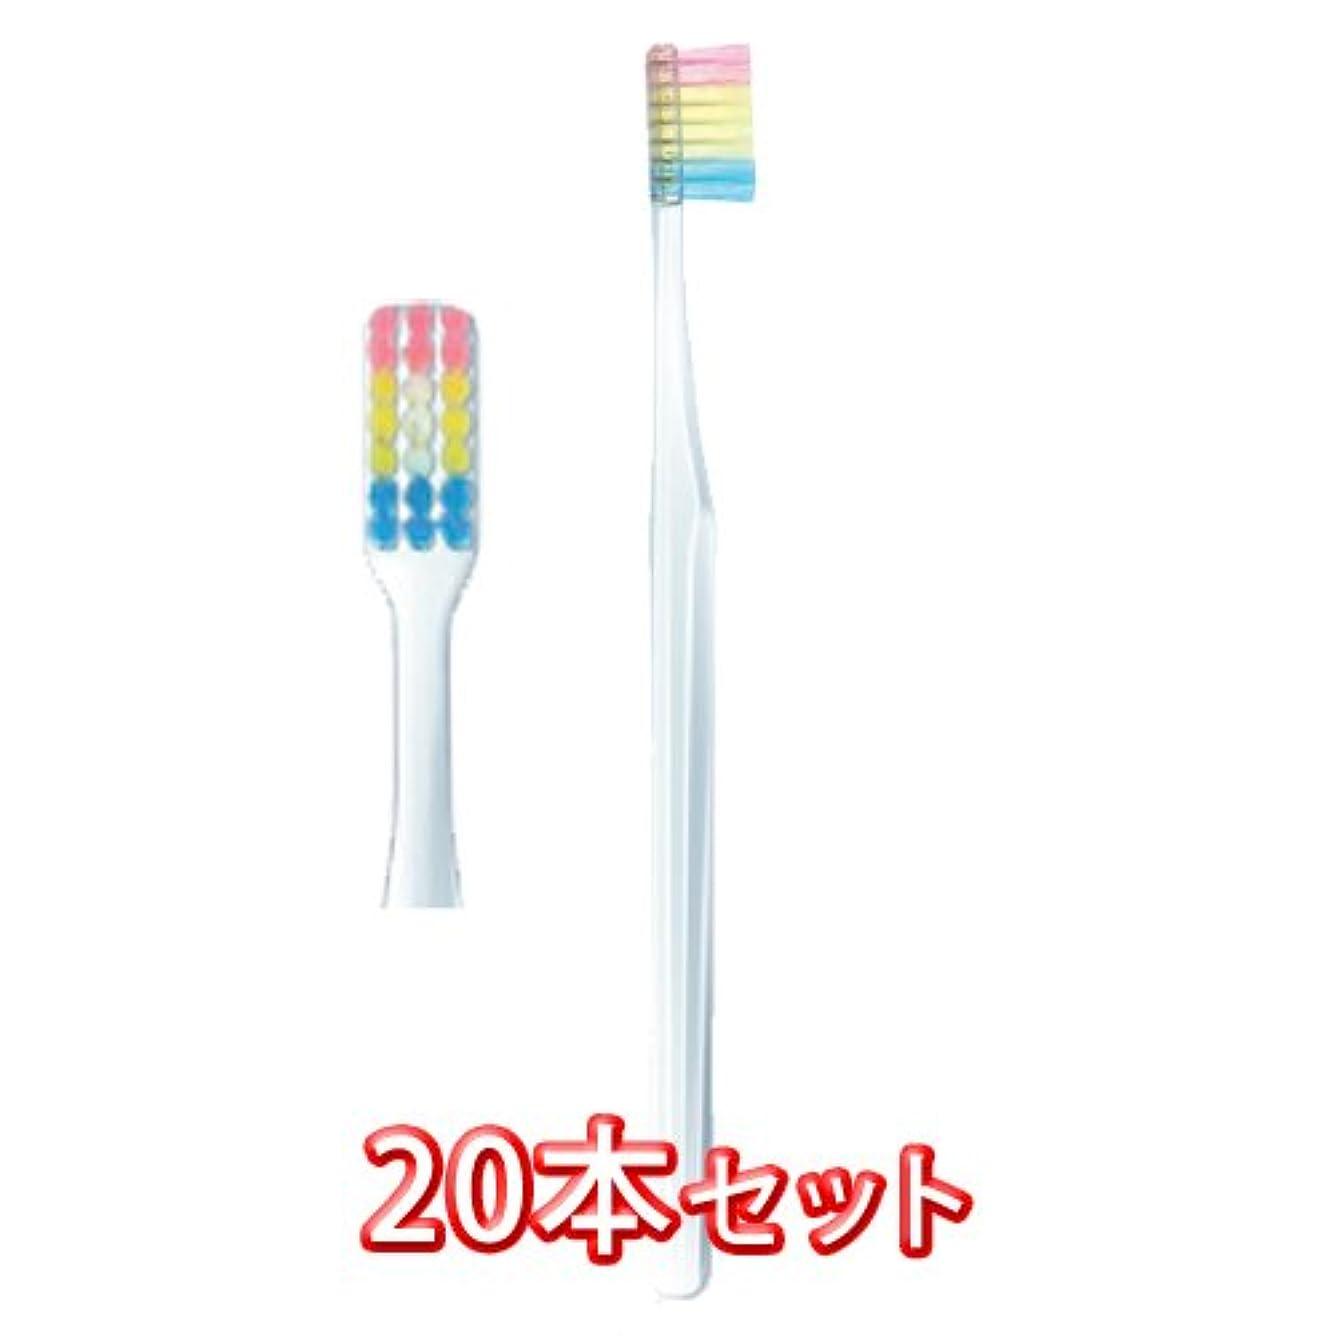 メンタル注ぎますギャラリープロスペック 歯ブラシ ヤング 20本入 フォーレッスン 毛の硬さふつう